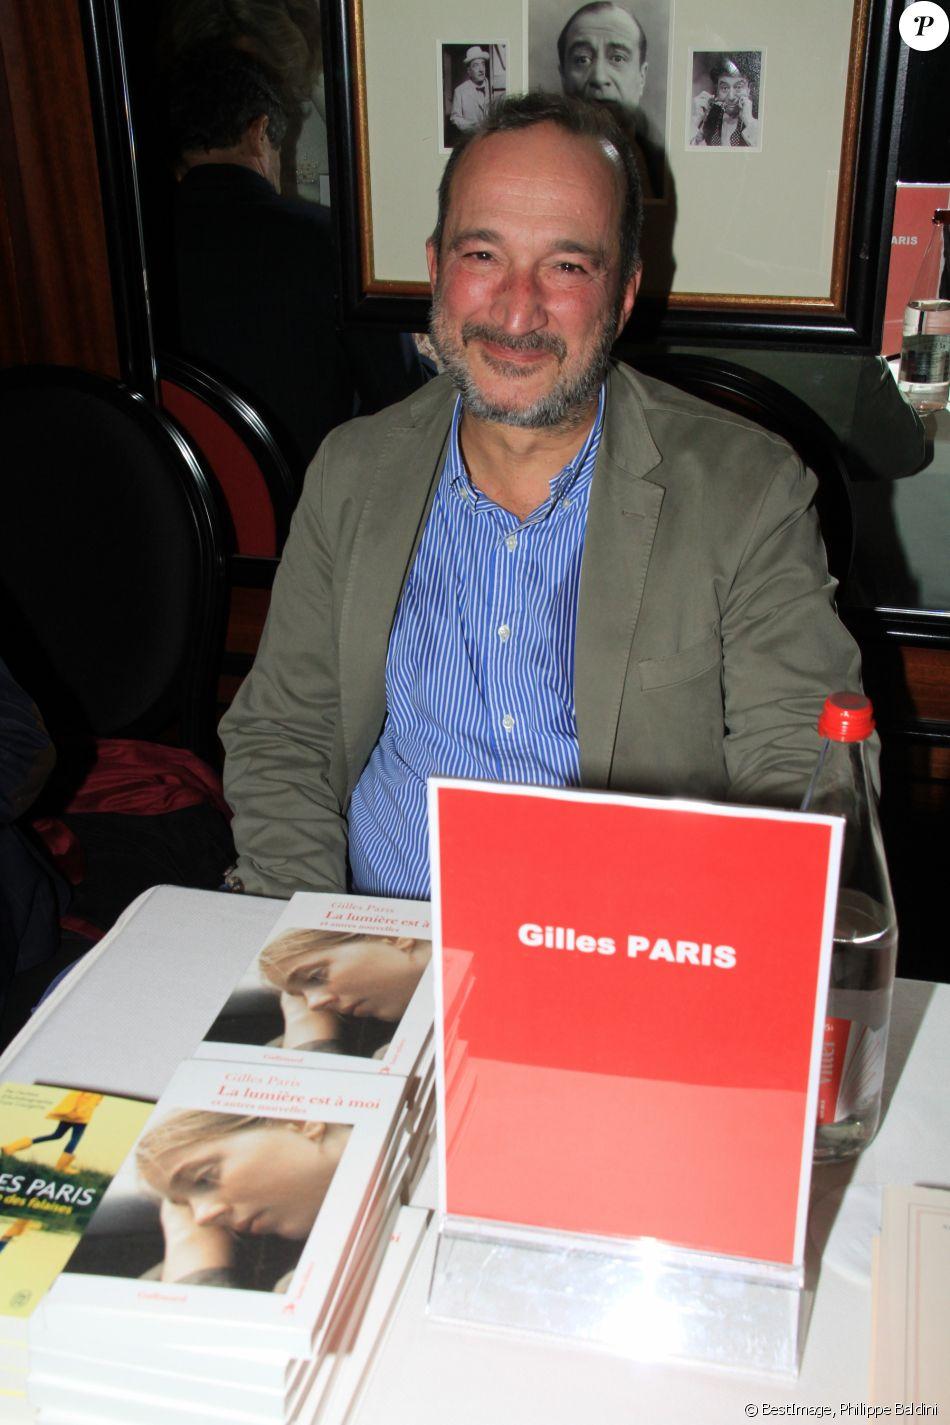 Gilles Paris lors de la soirée du 41ème cocktail des écrivains du Cercle MBC dans les salons du Fouquet's à Paris, France, le 28 novembre 2018. © Philippe Baldini/Bestimage